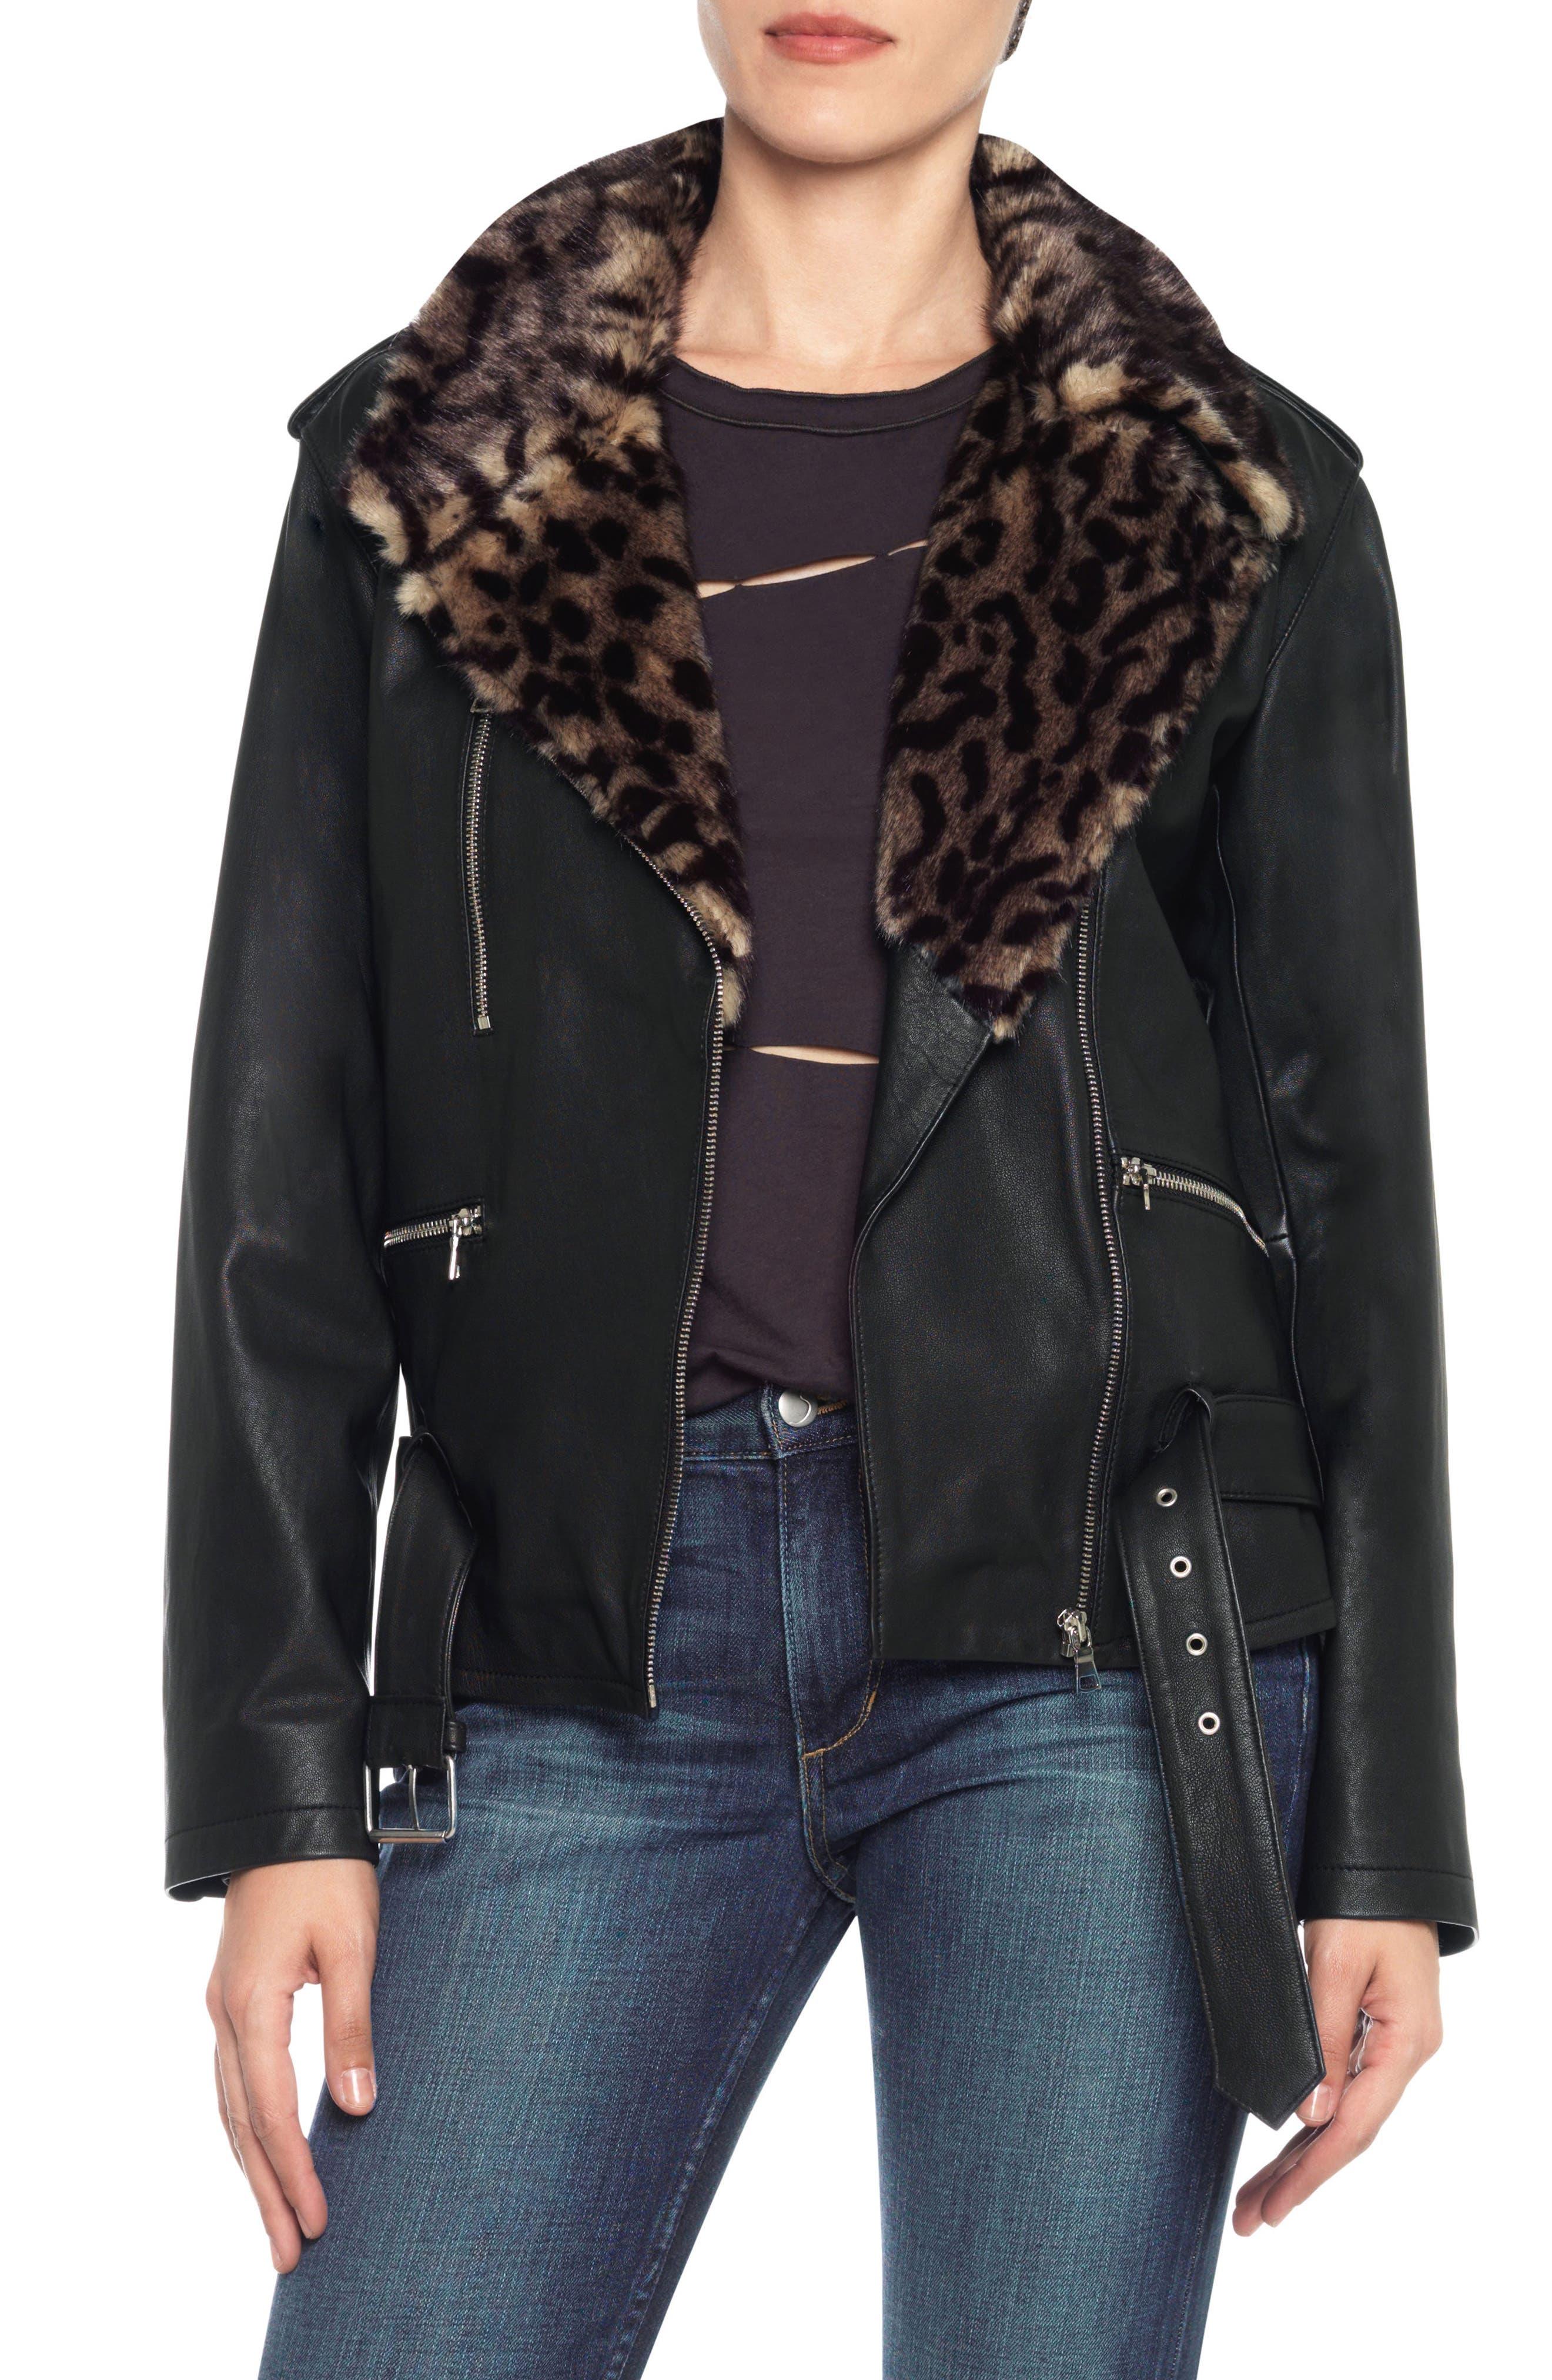 Joe's Riley Leather Biker Jacket